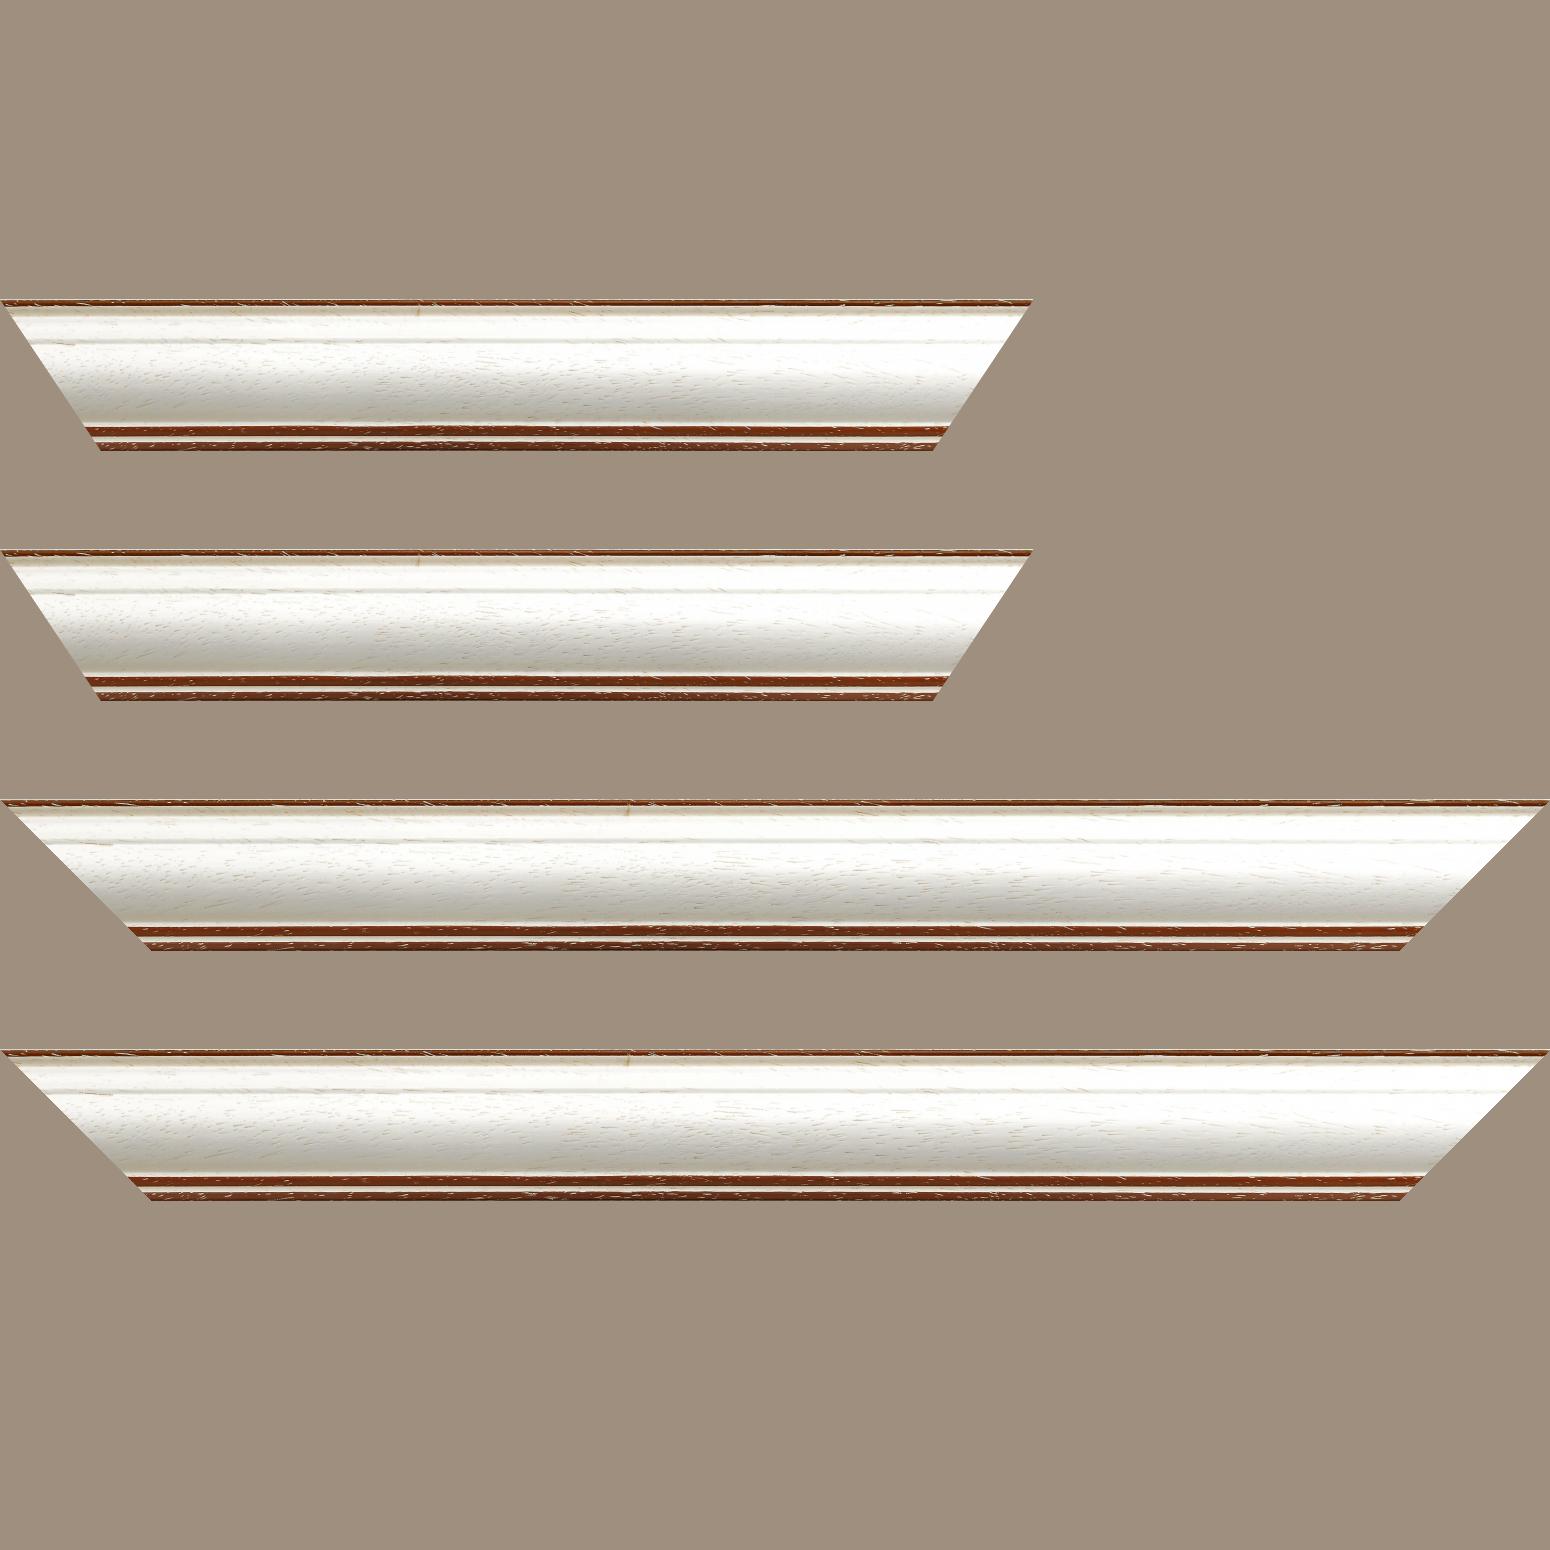 Baguette service précoupé bois profil bombé largeur 5cm couleur blanchie satiné filet marron foncé